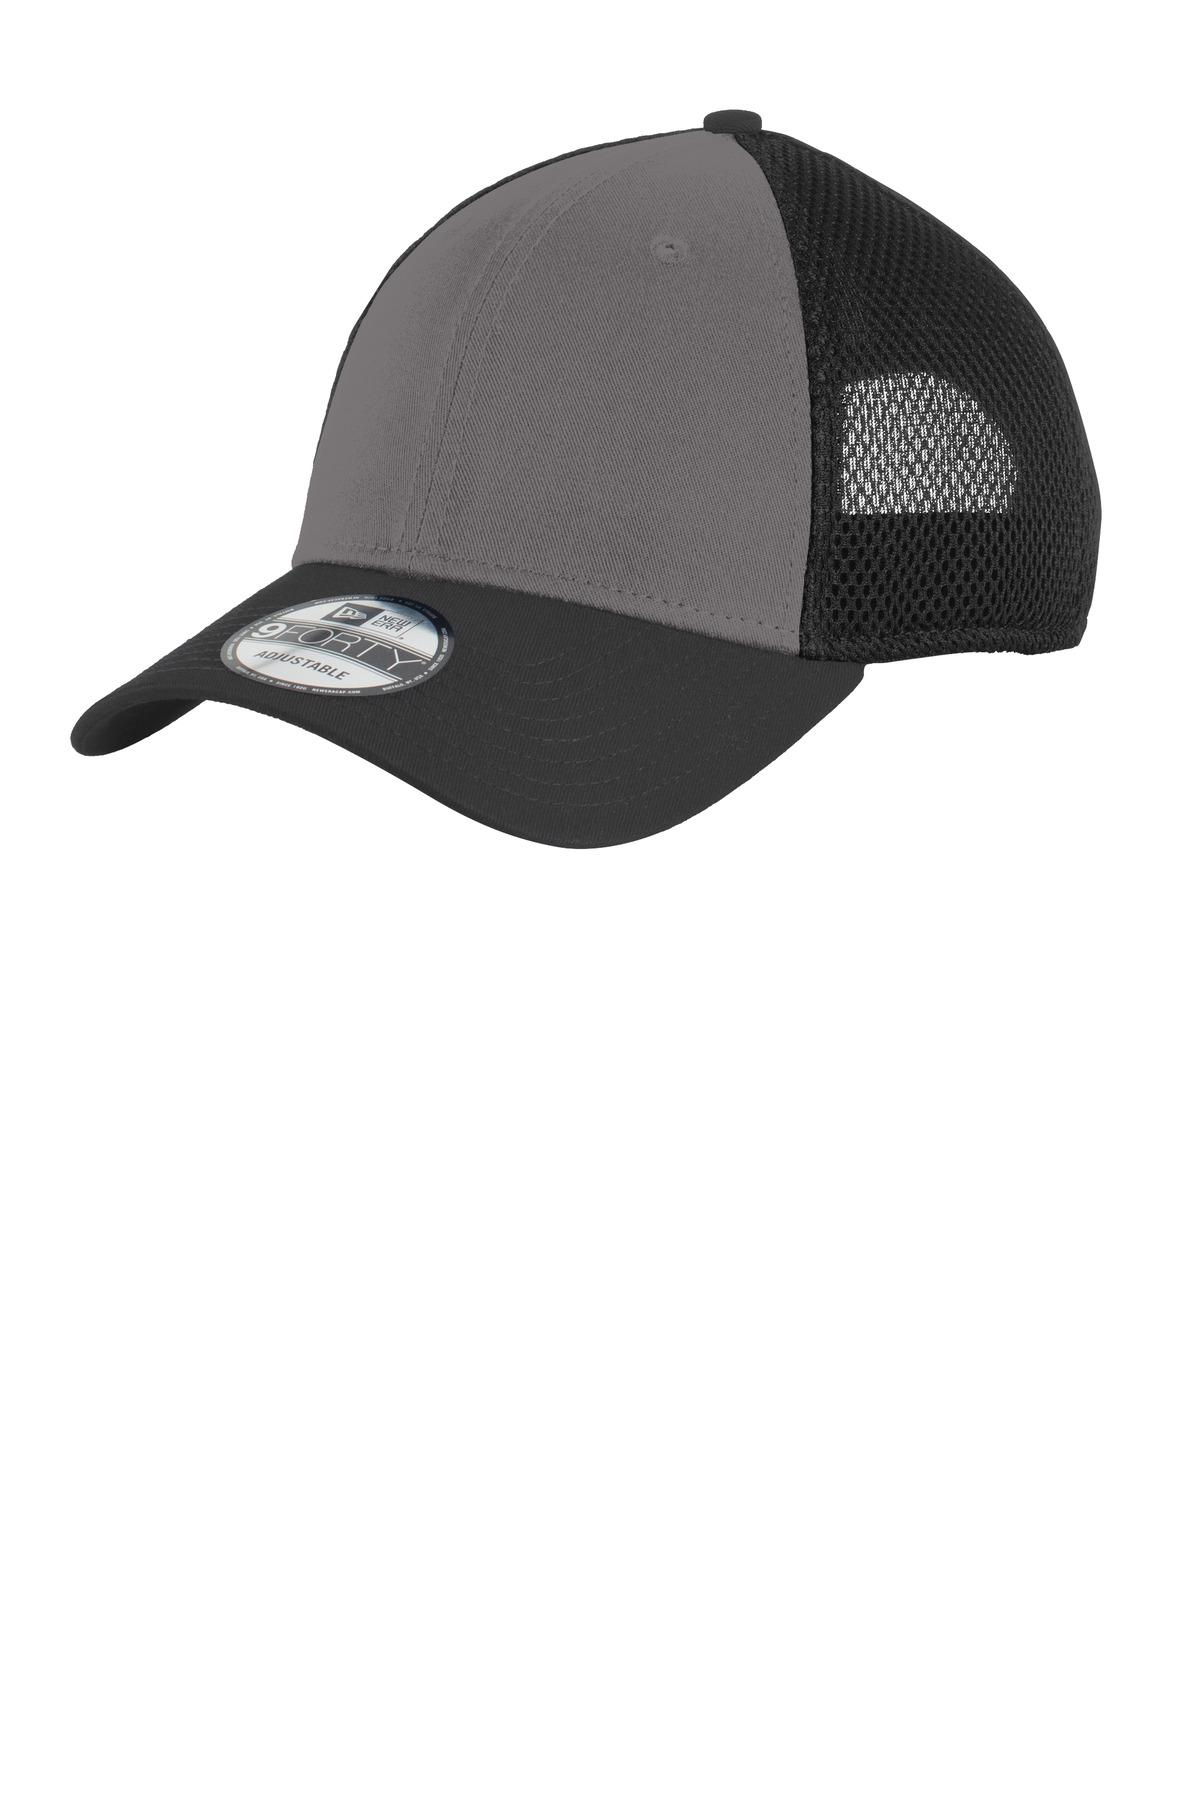 New Era® - Snapback Contrast Front Mesh Cap.-New Era